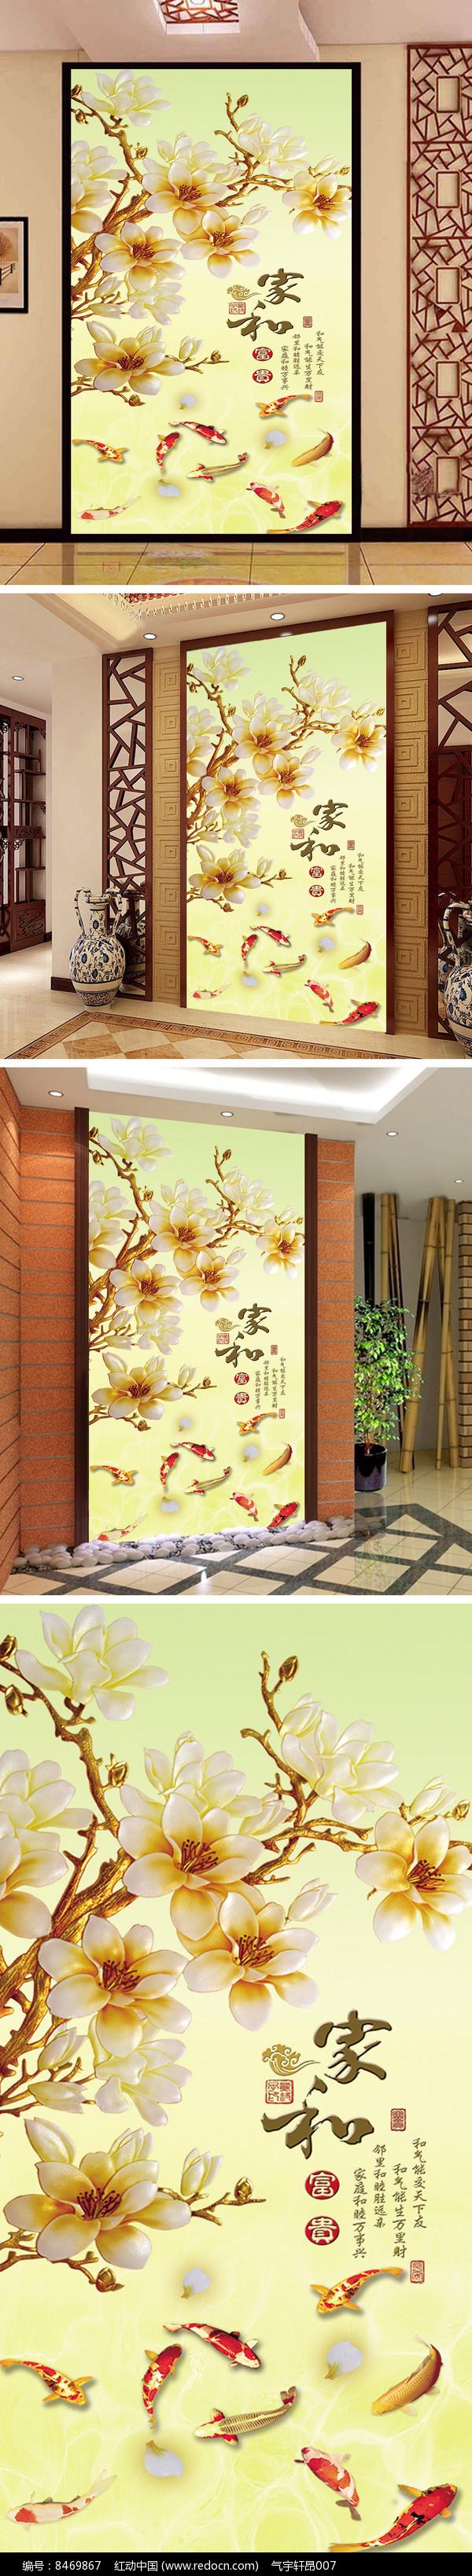 家和富贵玉兰花花瓣玄关背景墙图片